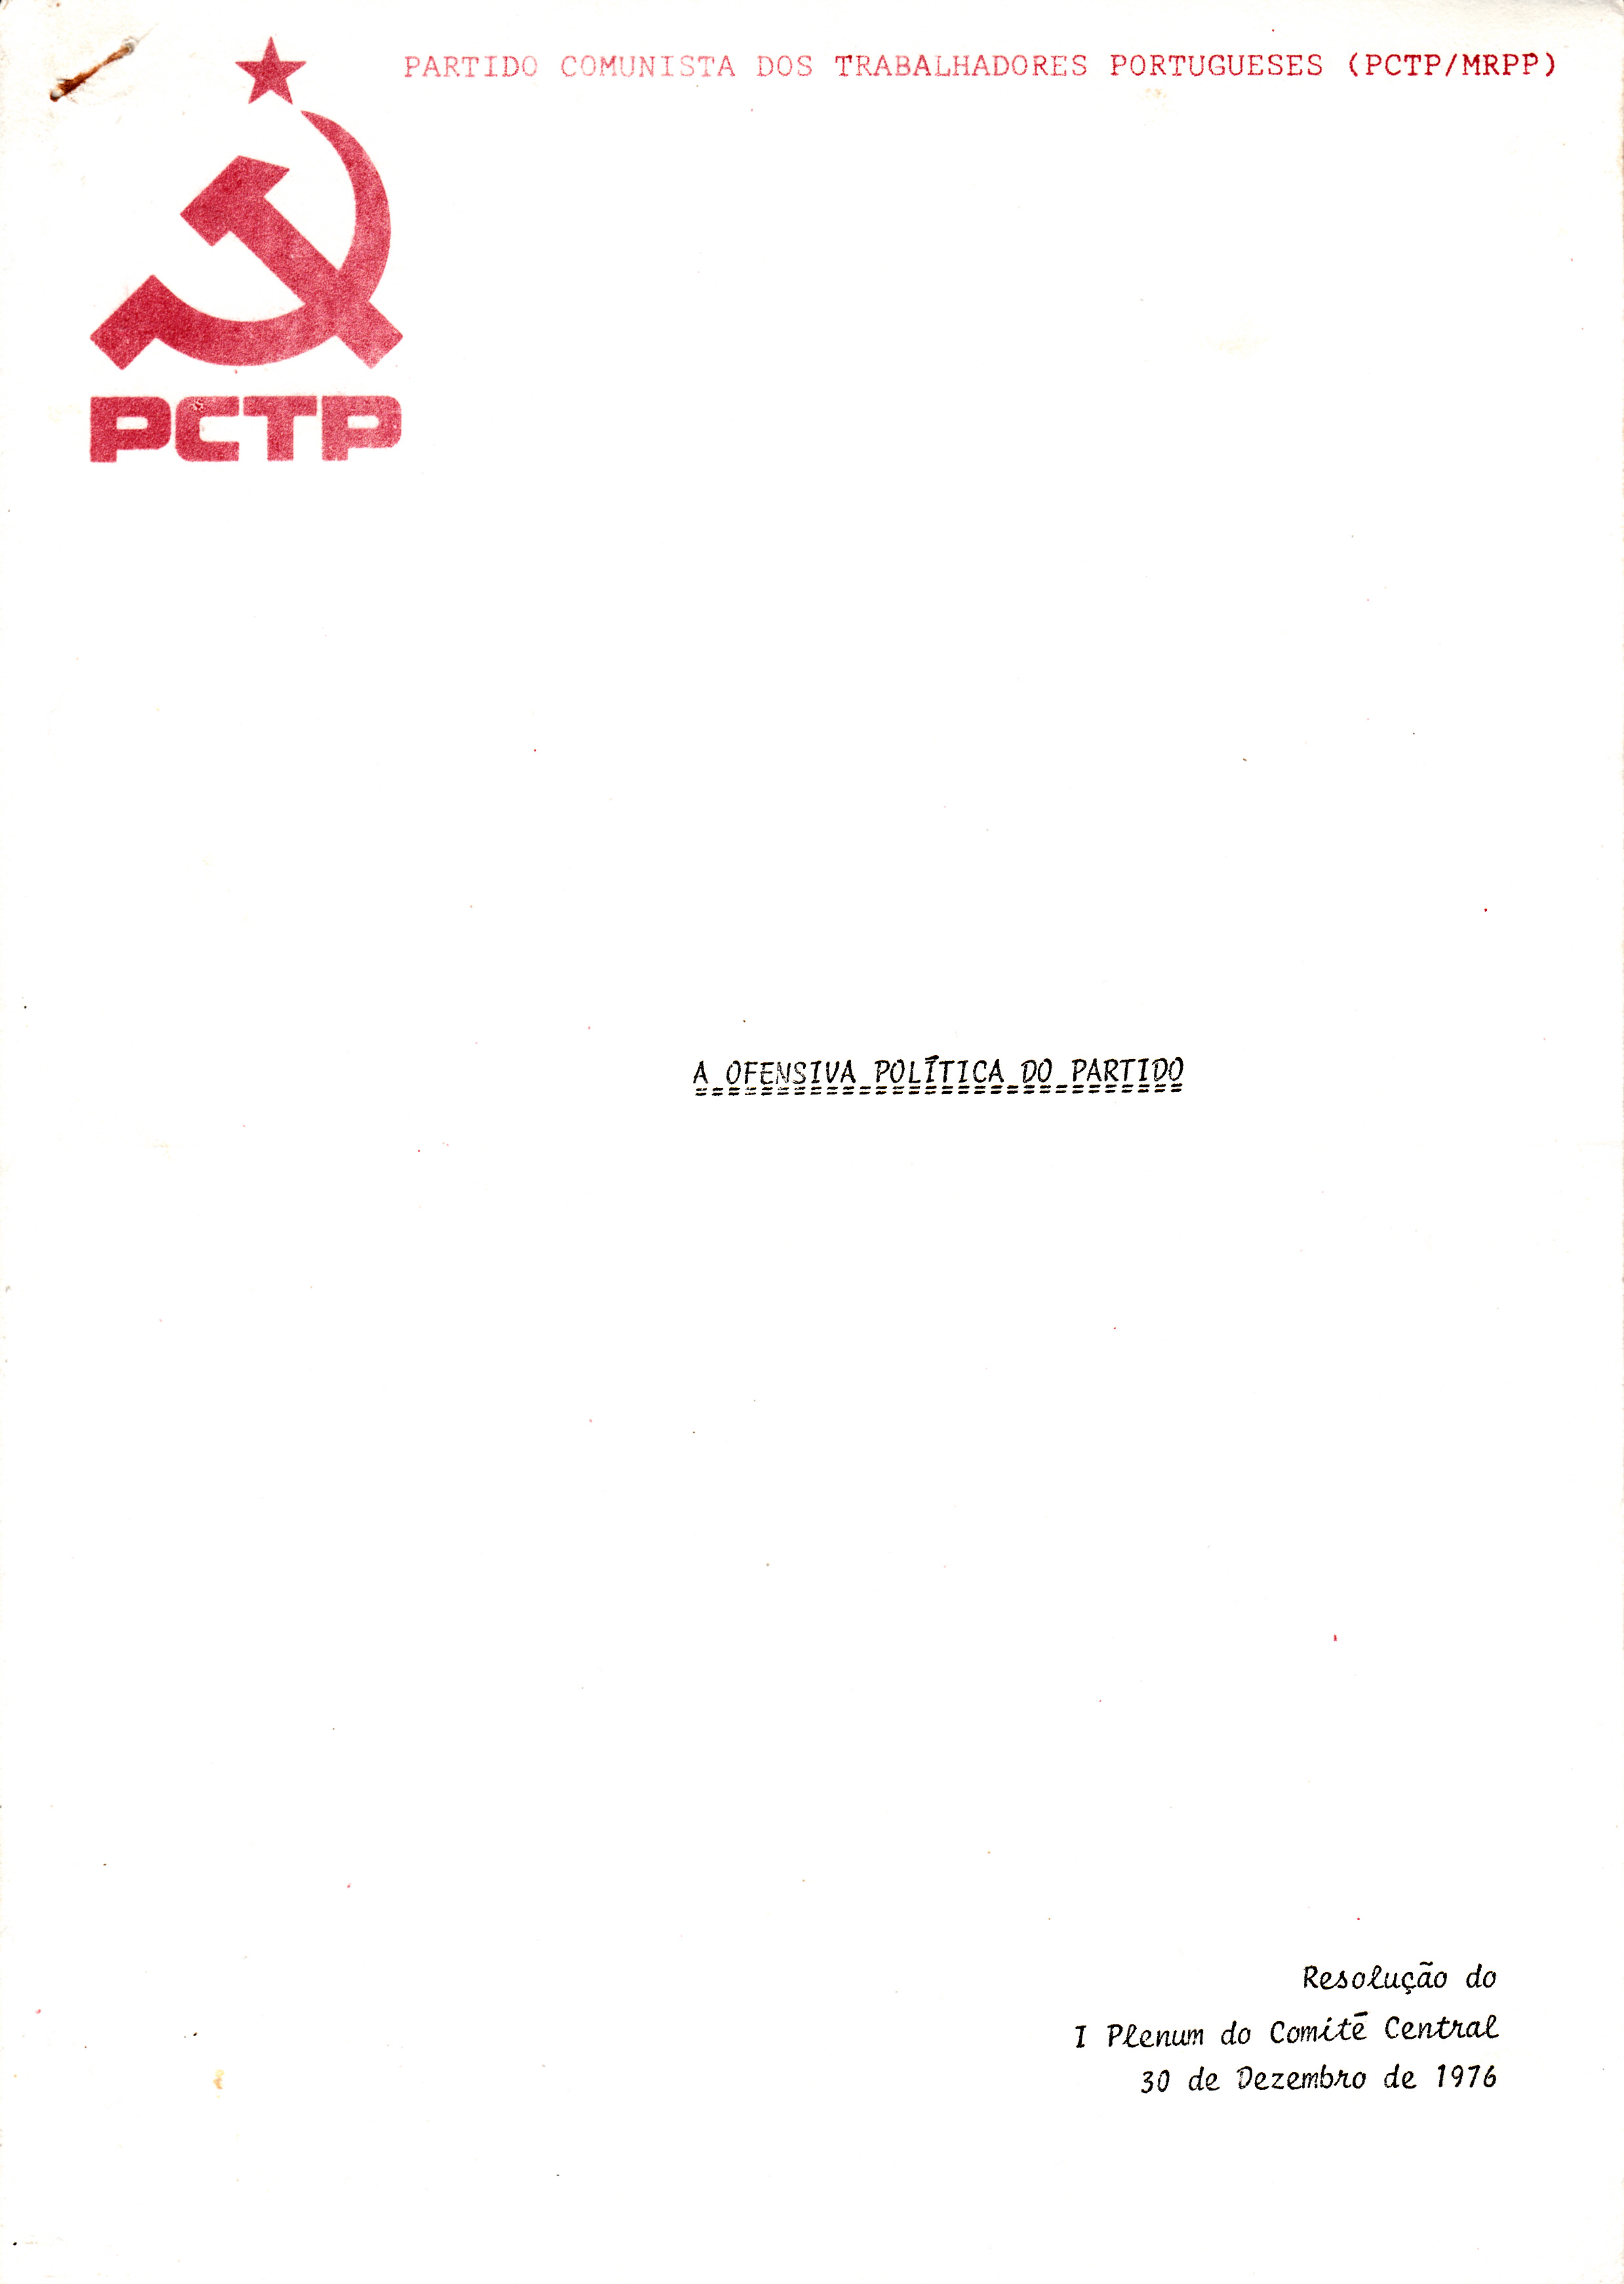 MRPP_1976_12_30_a